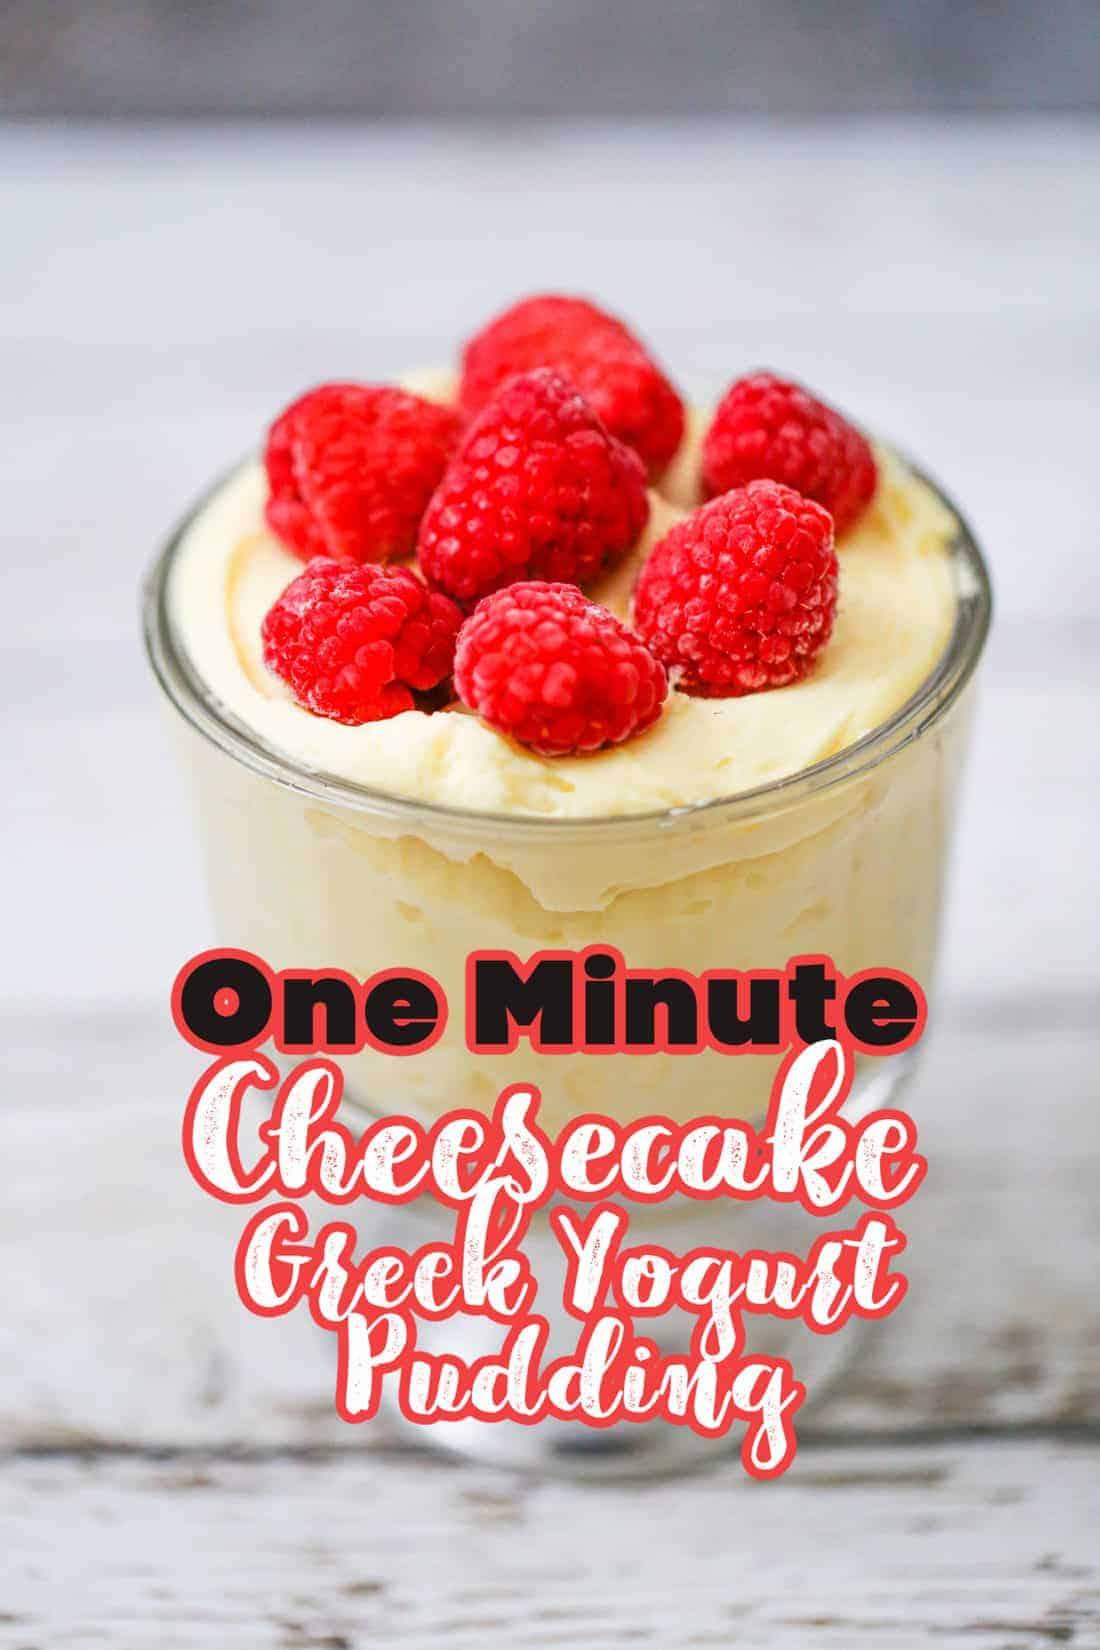 One Minute Cheesecake Yogurt Pudding